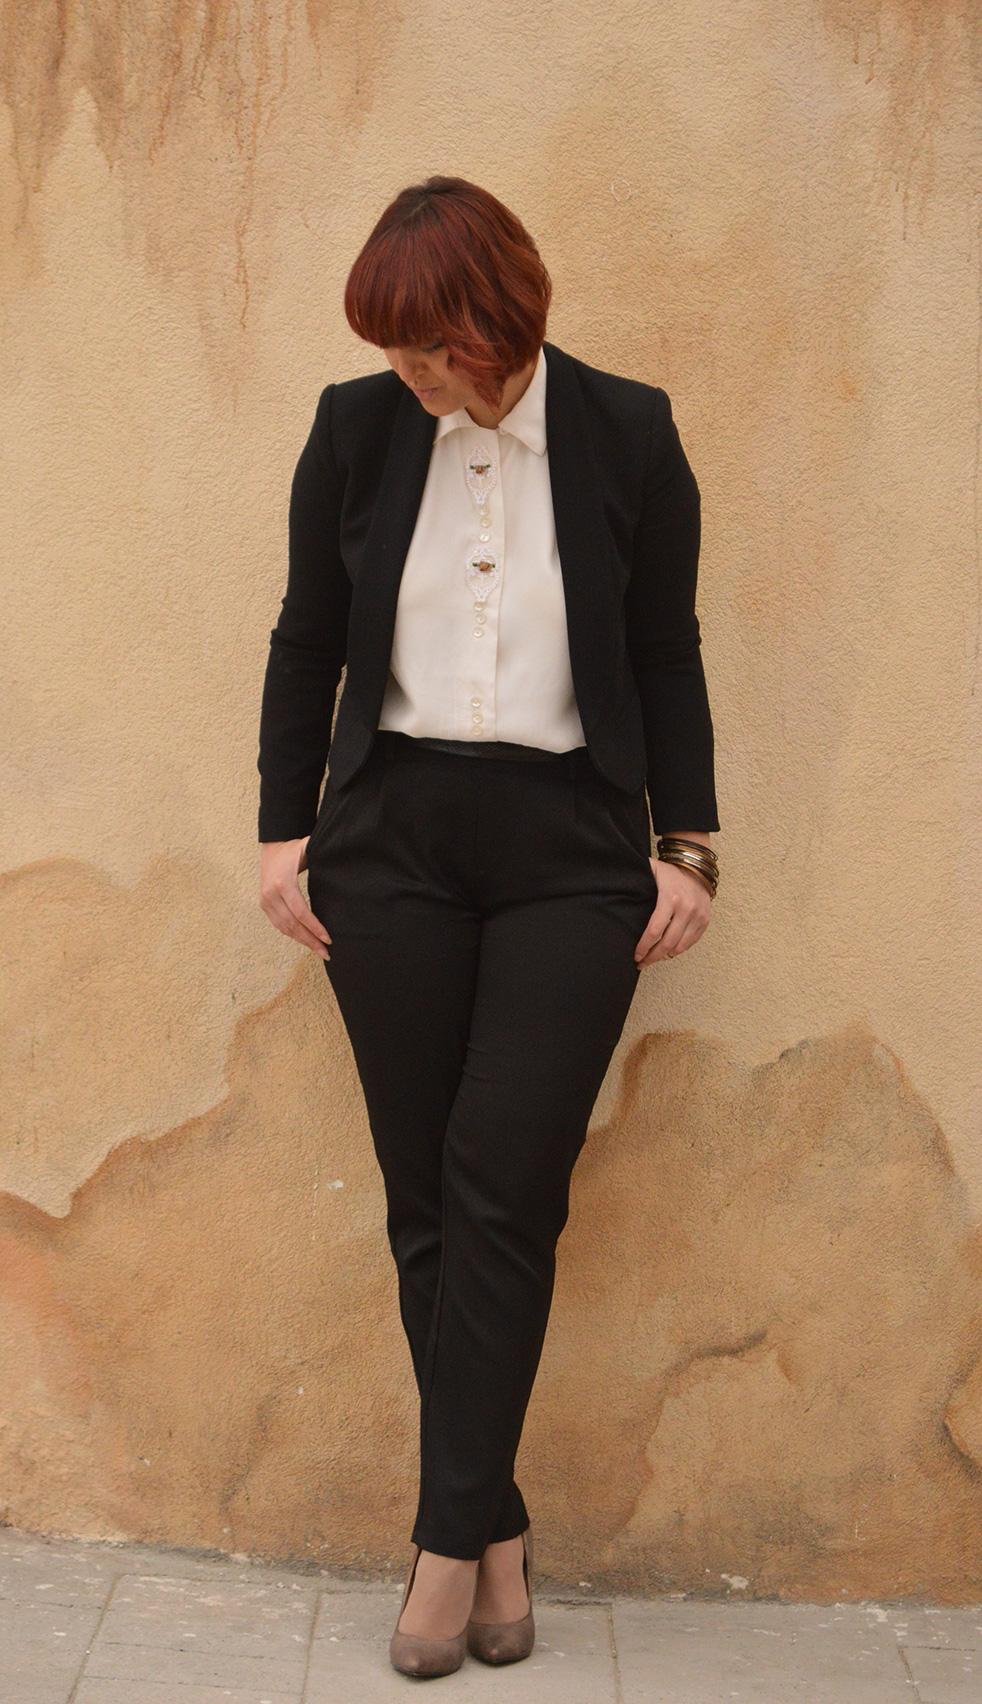 Vintage shirt Mango Blazer Black suit gold bracelets knuckle rings gold half pointed stilletos